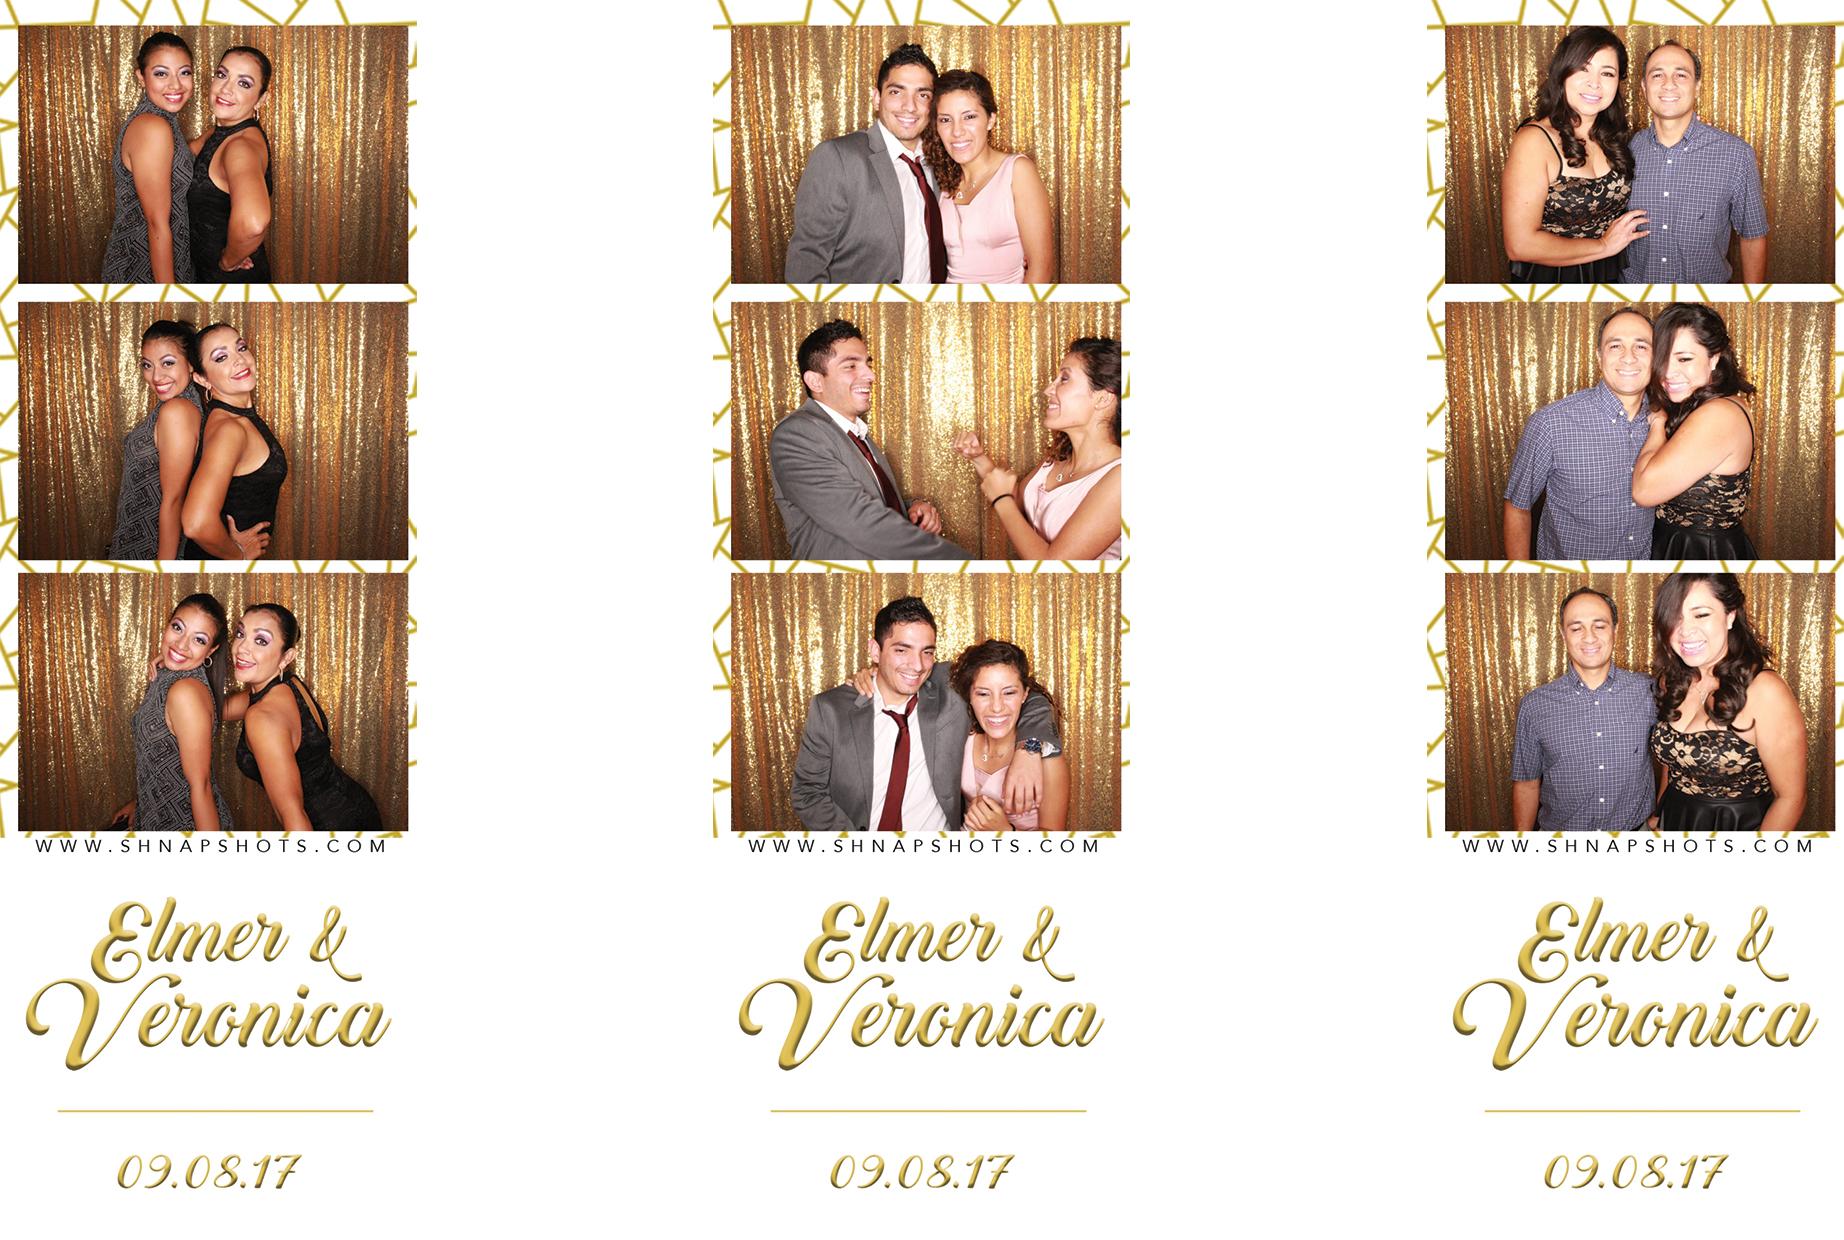 Veronica & Elmer